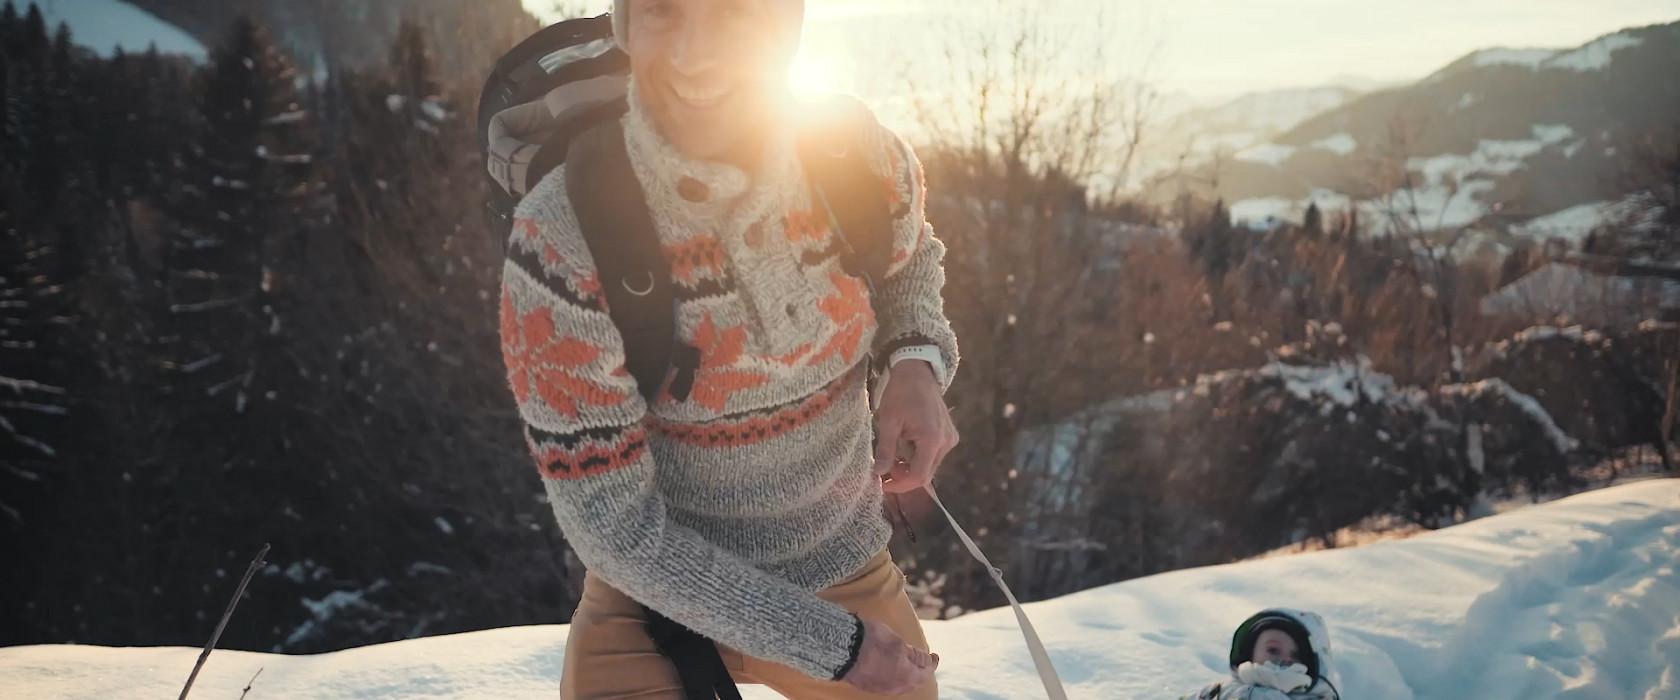 Vos prochaines vacances d'hiver